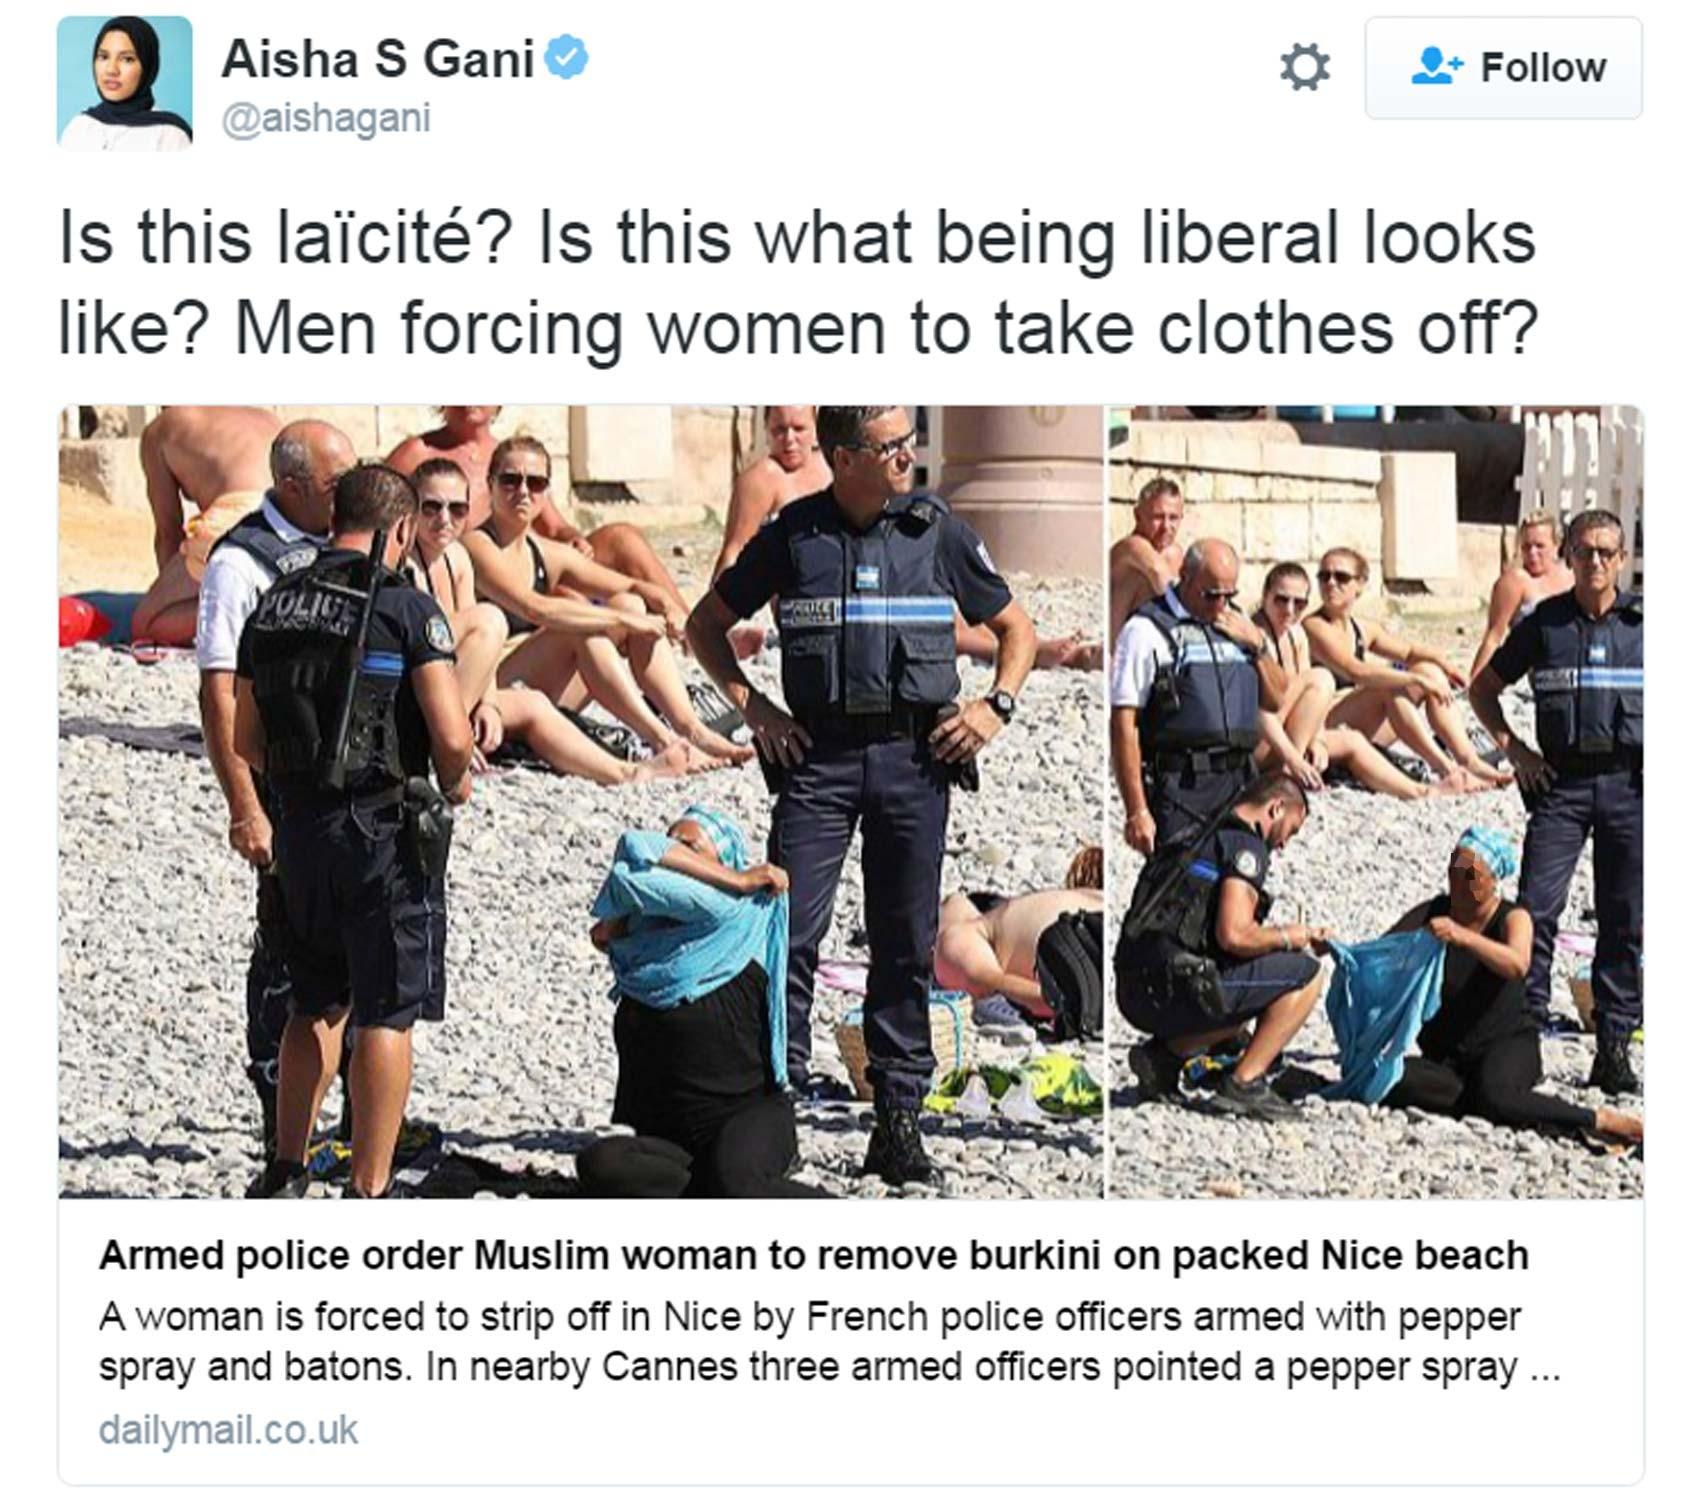 Jornalista britânica foi uma das pessoas que questionaram no Twitter a atitude de policiais franceses que forçaram muçulmana a tirar seu burquini em praia da Riviera francesa; o G1 borrou o rosto da mulher para preservar sua identidade (Foto: Reprodução/ Twitter/ Aisha S Gani)